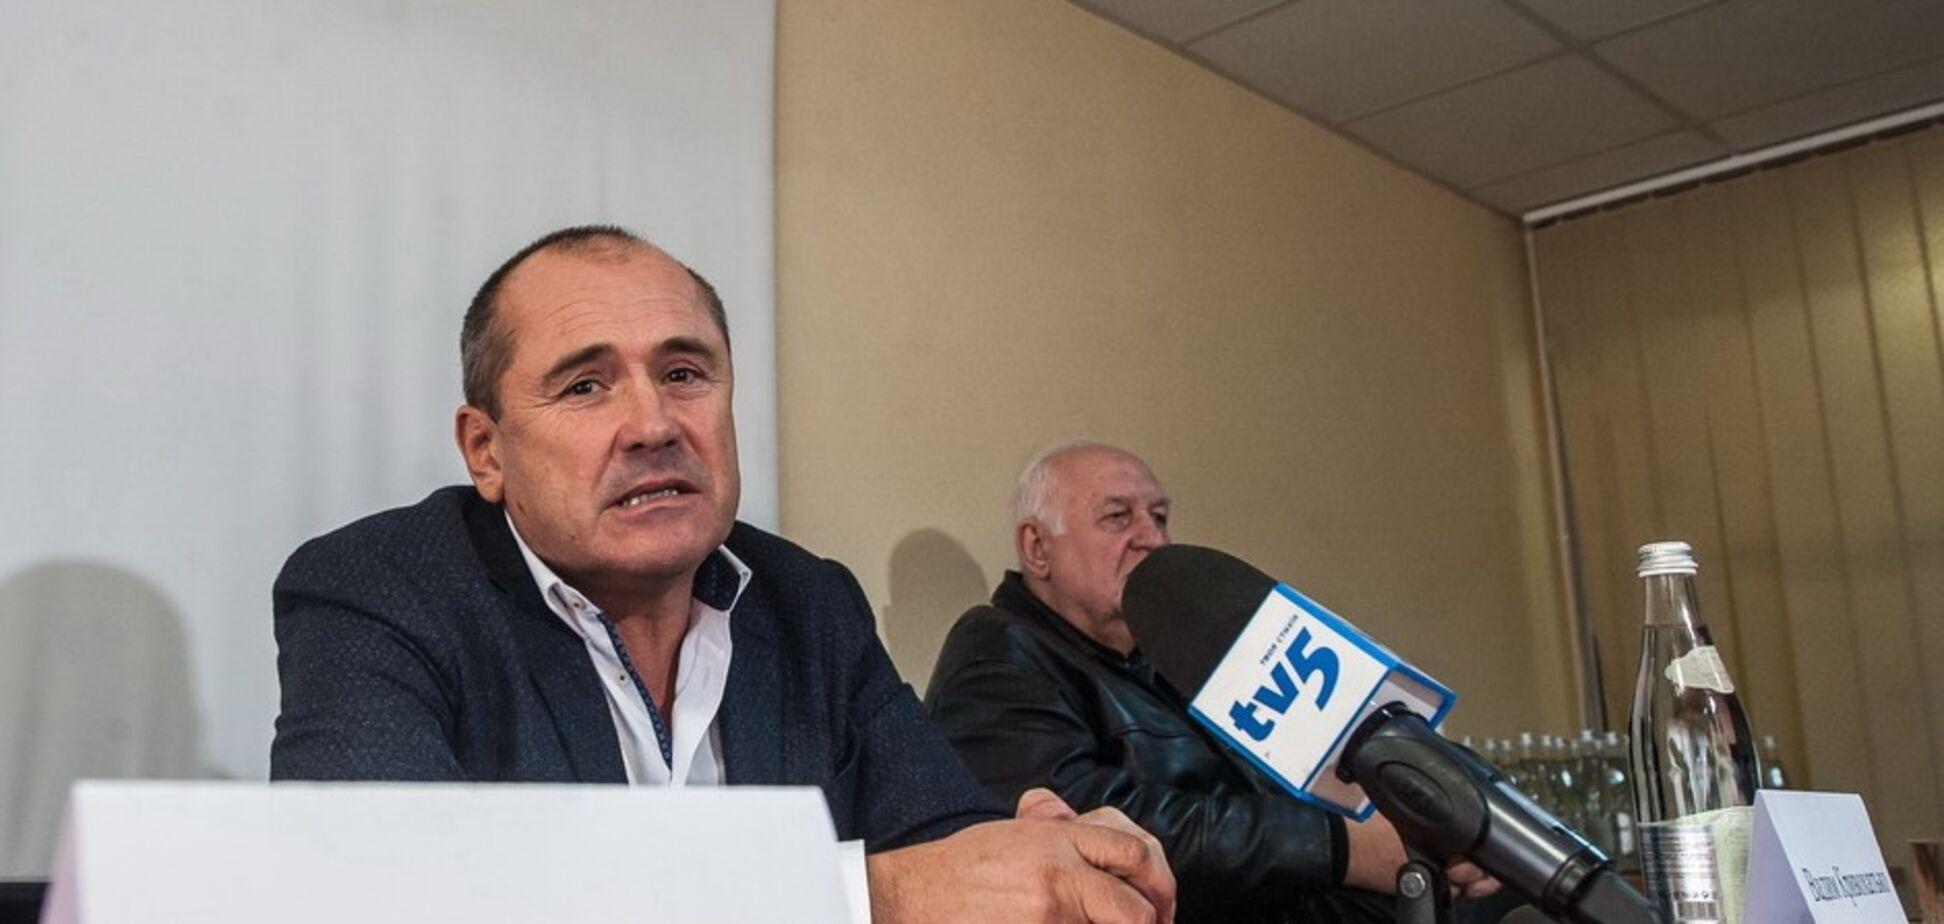 Кто из запорожских нардепов больше всего прогуливает работу - исследование Комитета избирателей Украины